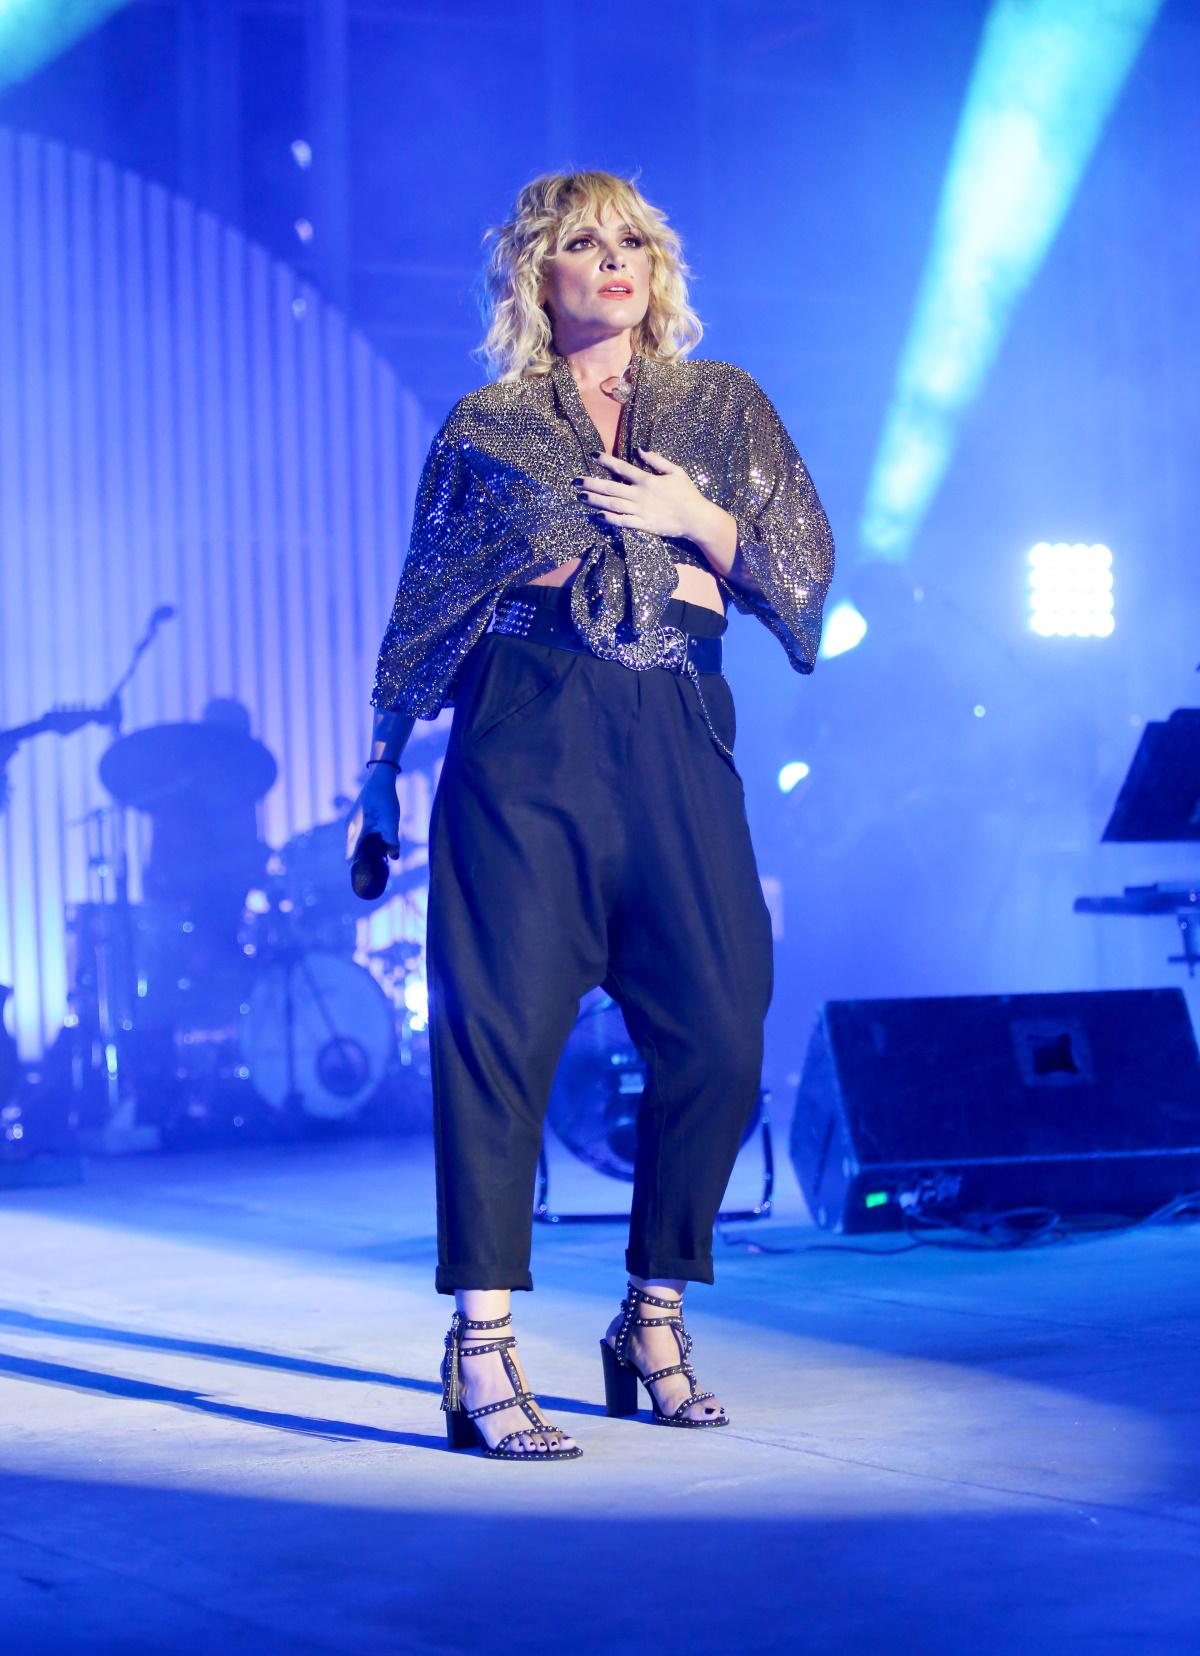 Ελεονώρα Ζουγανέλη: Ο μέλλων σύζυγός της, Σπύρος Δημητρίου, την απόλαυσε  στη συναυλία της – Σκάι Πάτρας